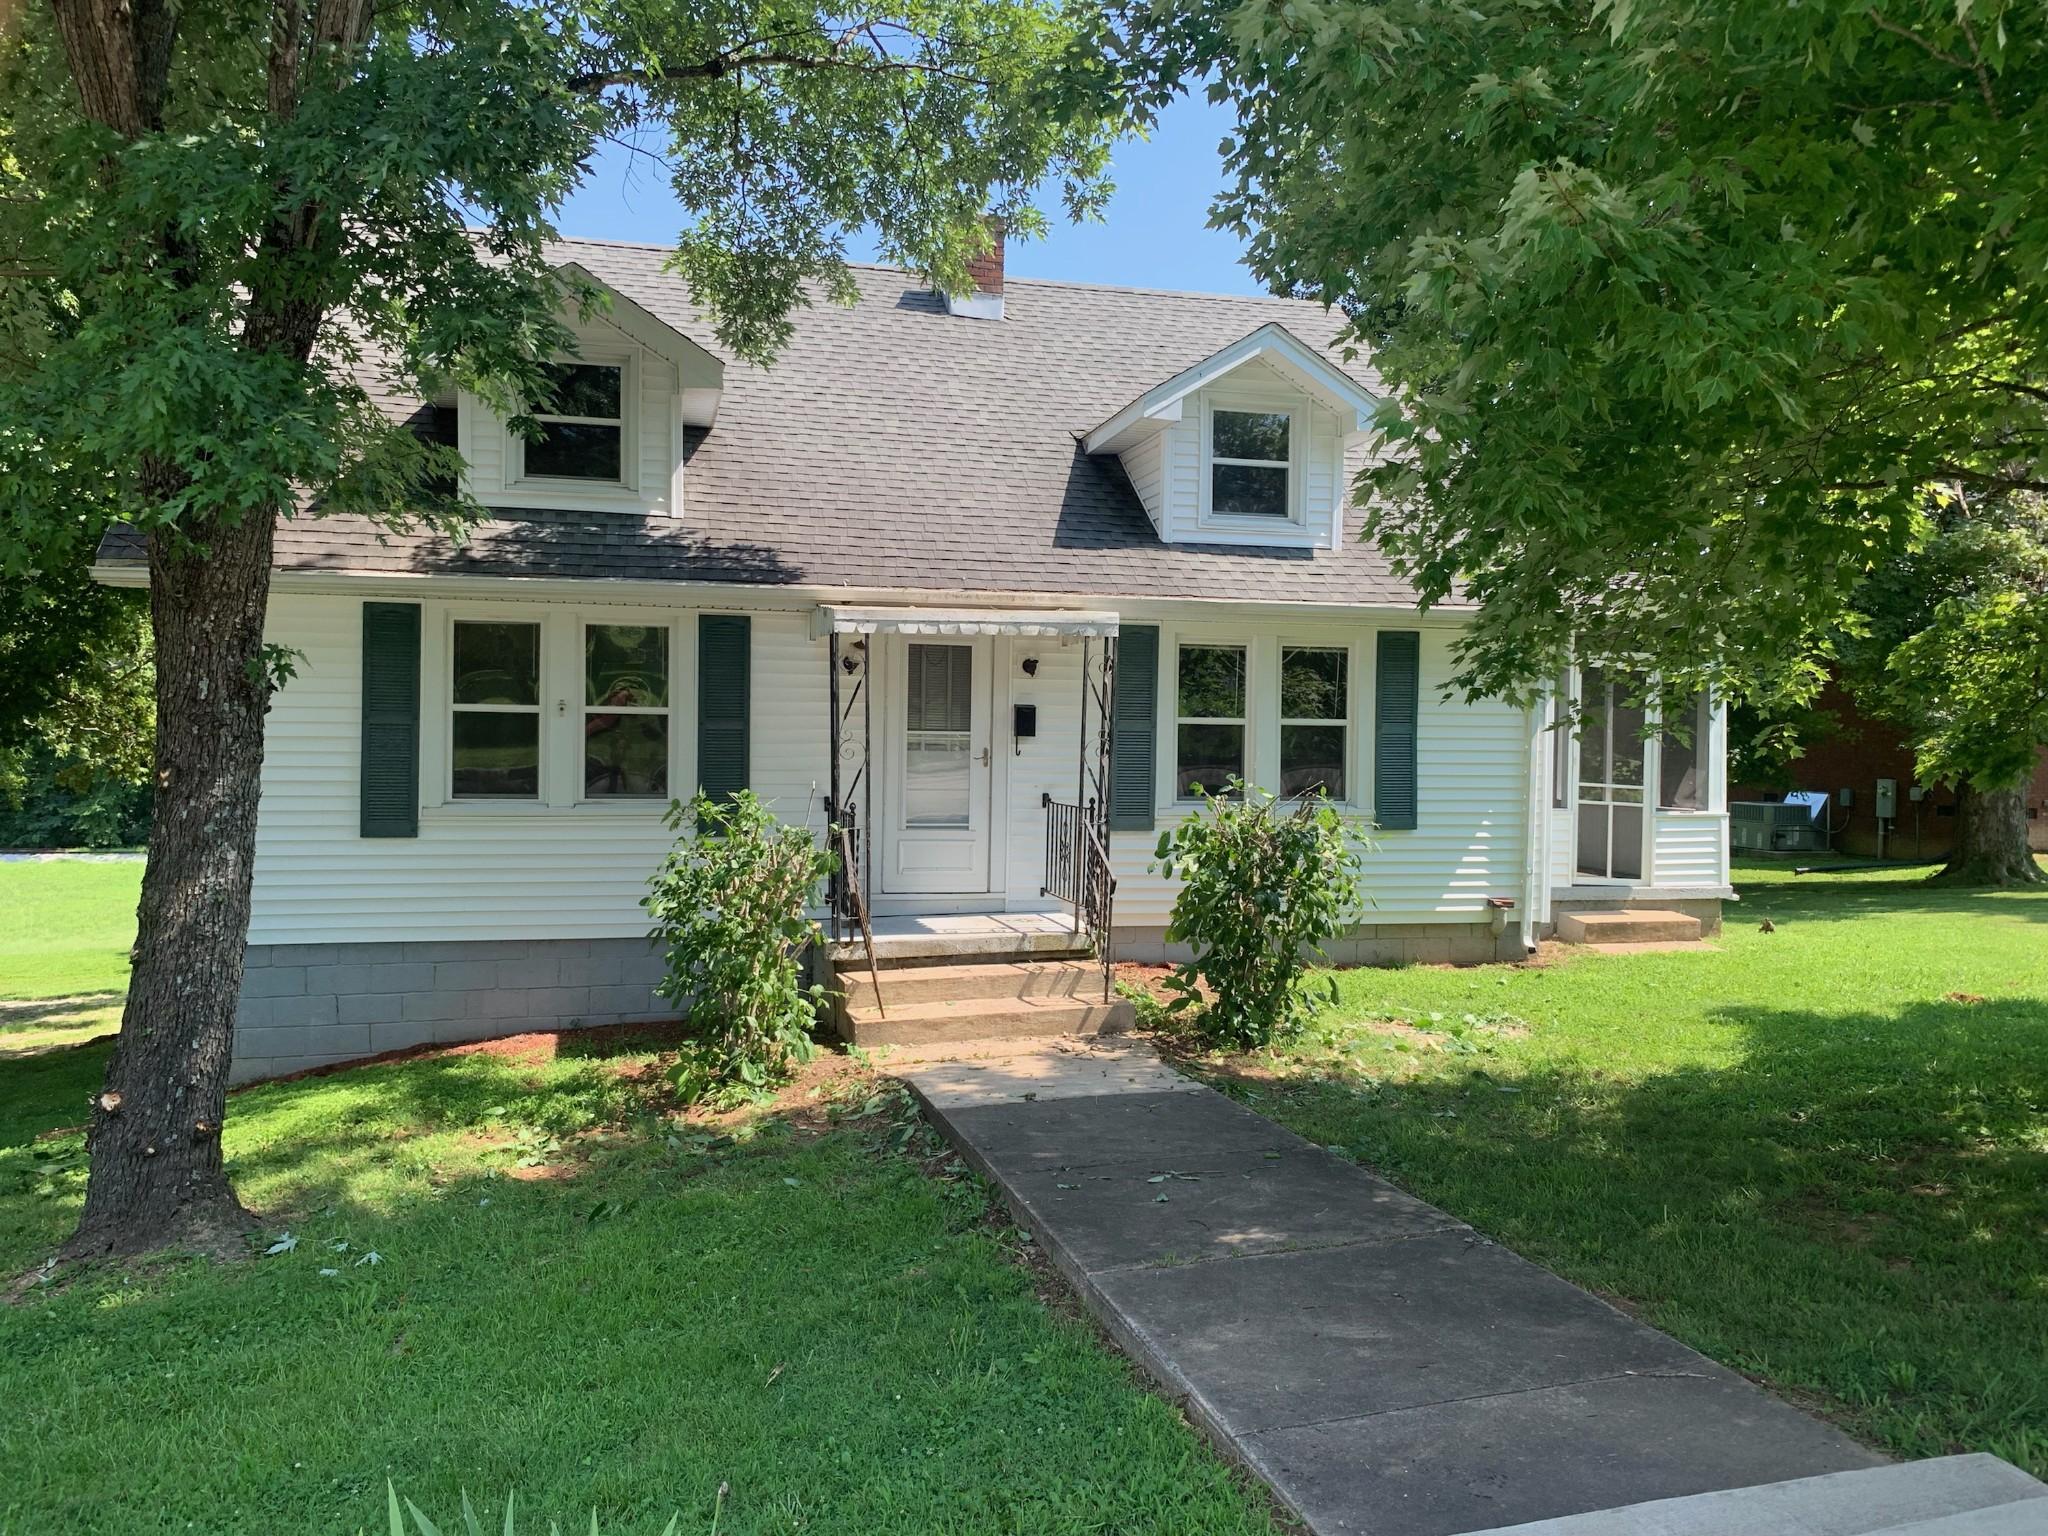 125 Main St, E, Gordonsville, TN 38563 - Gordonsville, TN real estate listing